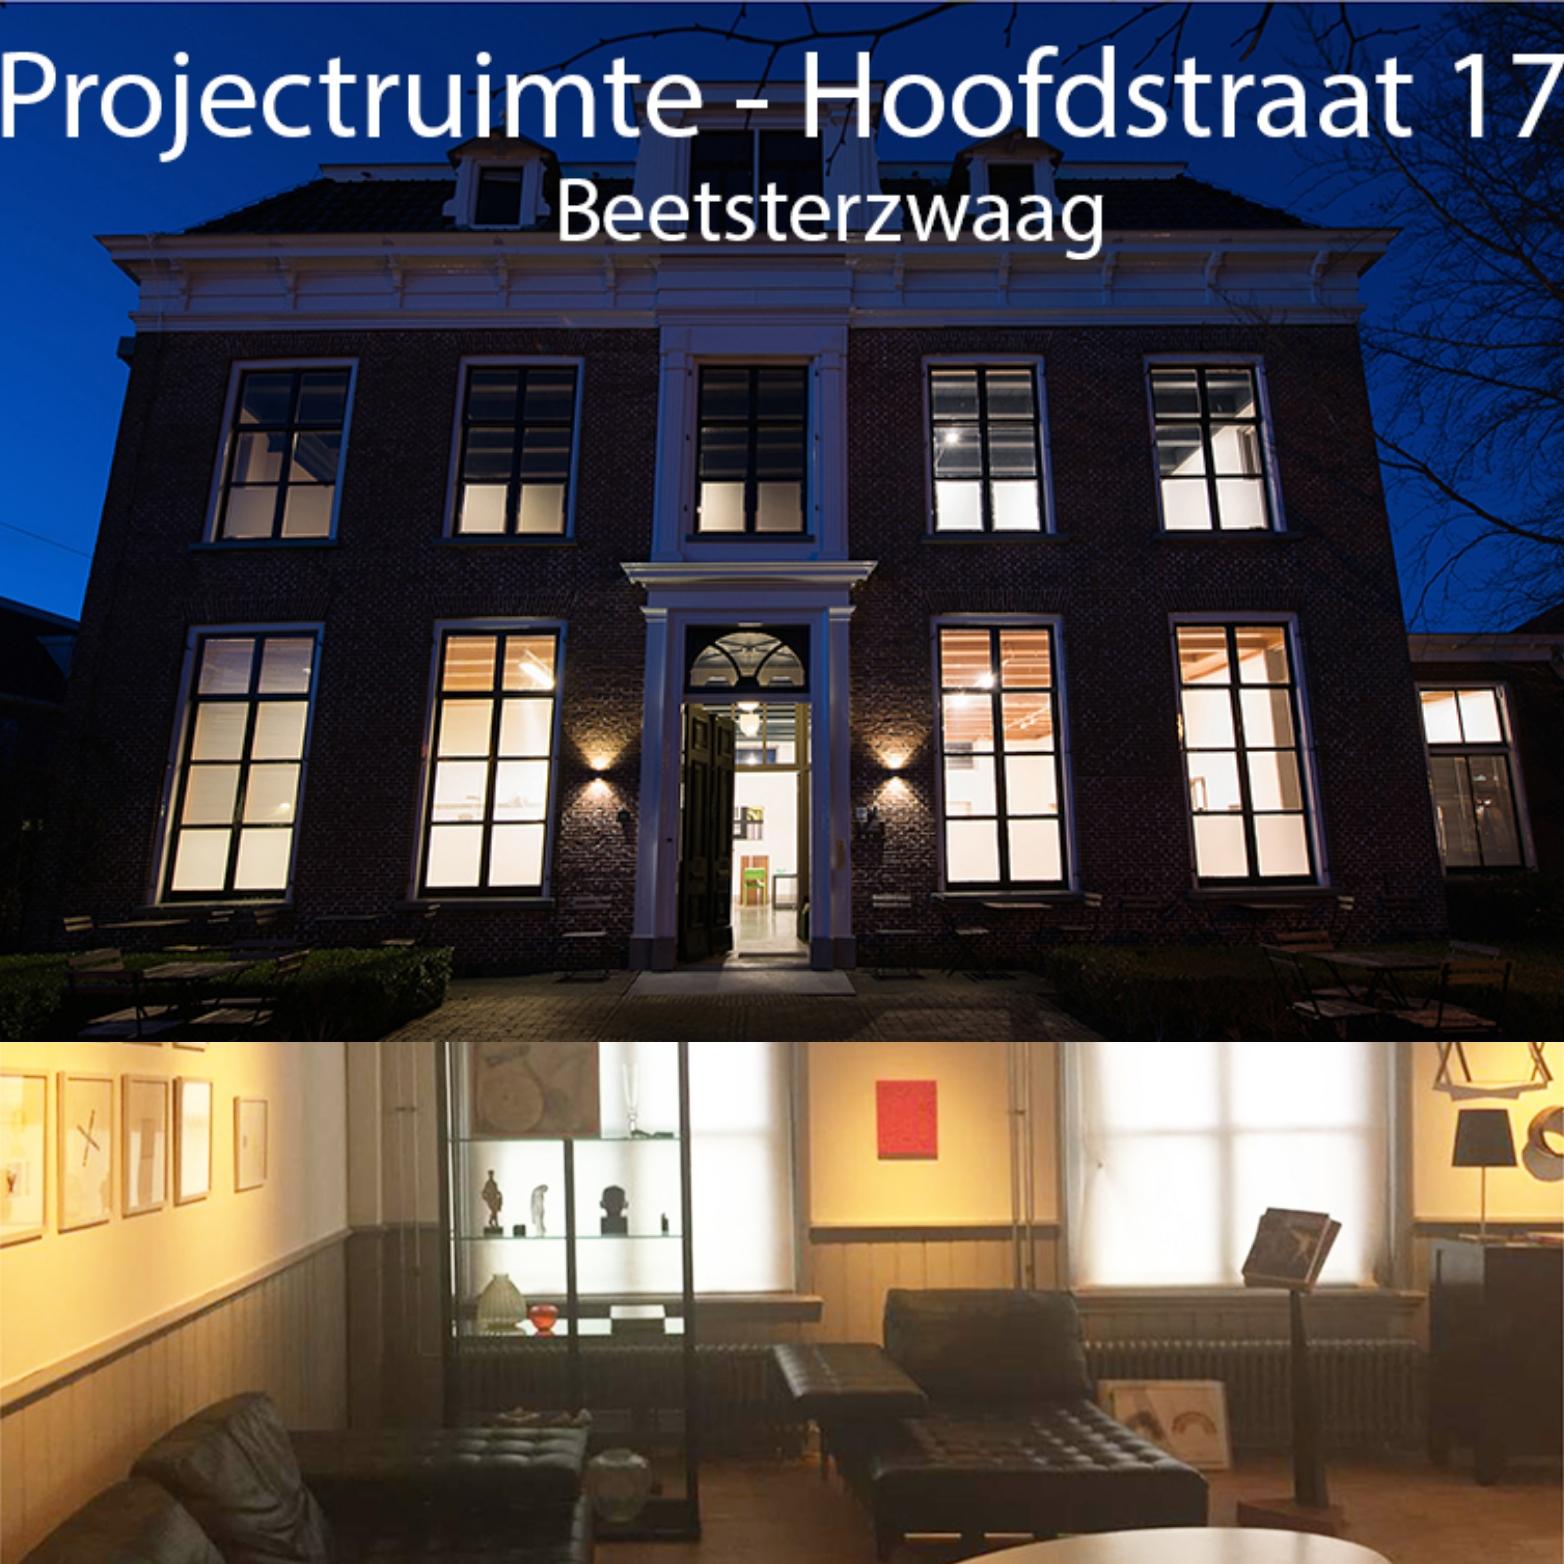 Projectruimte Beetsterzwaag - Art verschuiving II - Kunstadvies Hanneke Janssen